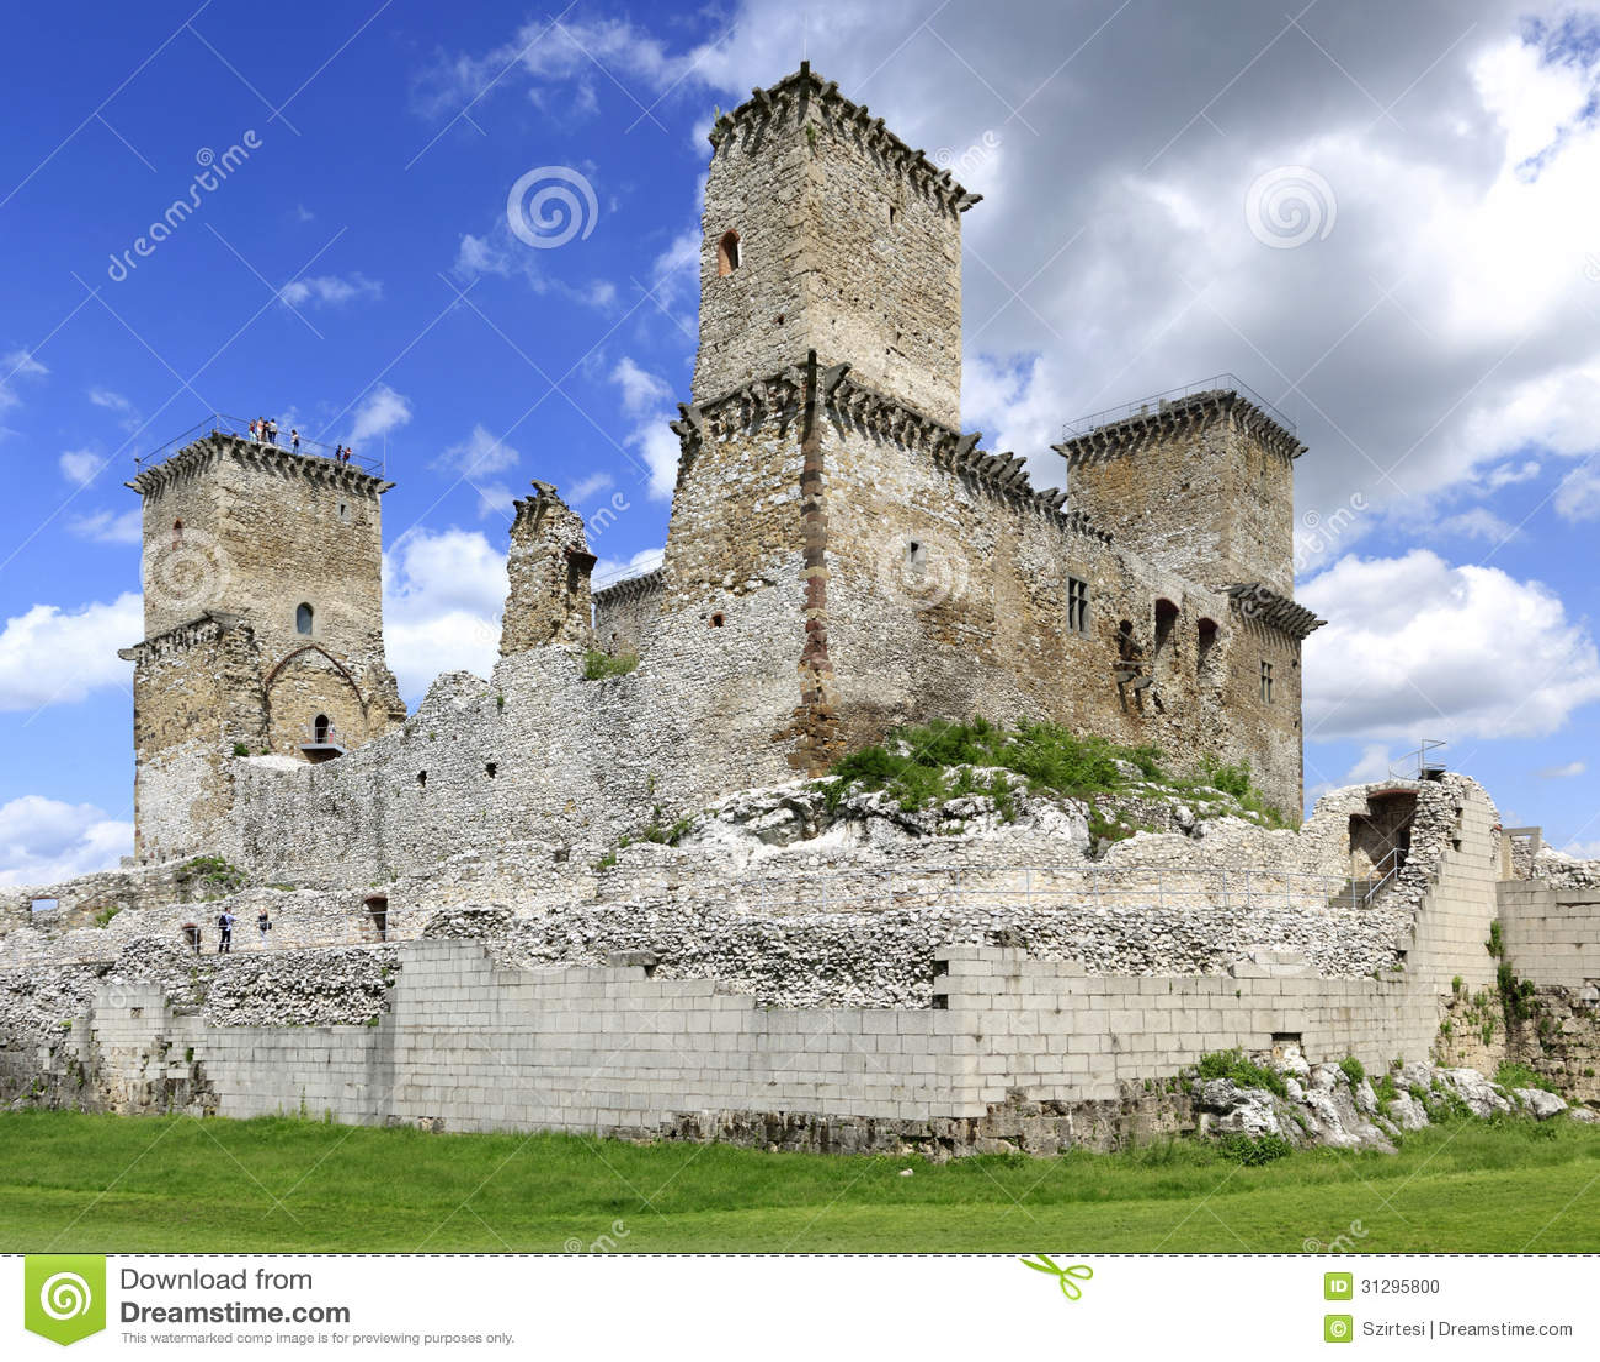 Il castello di Diosgyor in Ungheria